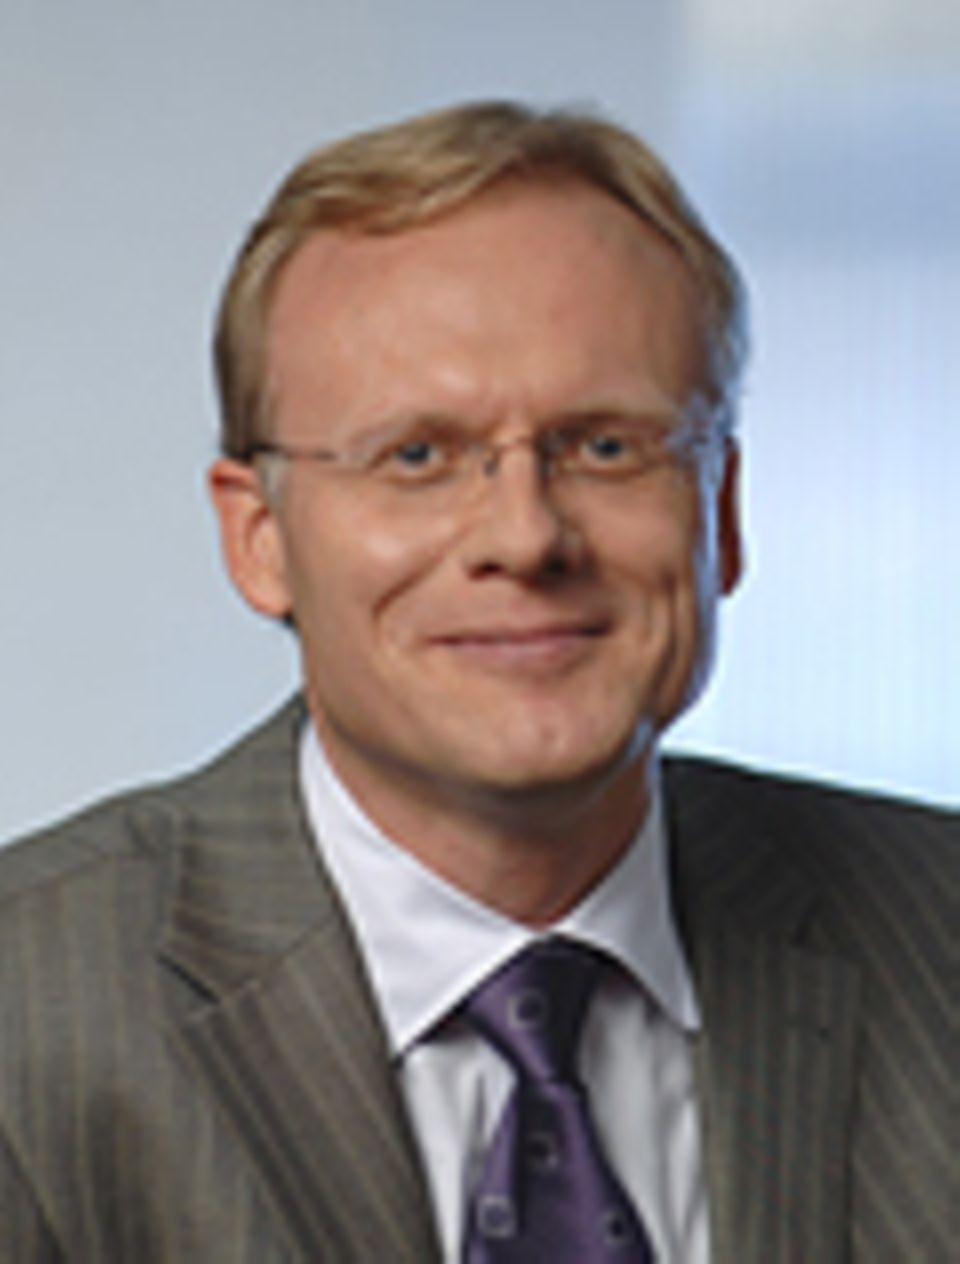 """Uwe Gröber gehört zu den führenden Vitaminexperten. Zu seinen wichtigsten Büchern zählt """"Arzneimittel und Mikronährstoffe"""" (WVG, Stuttgart 2011)"""